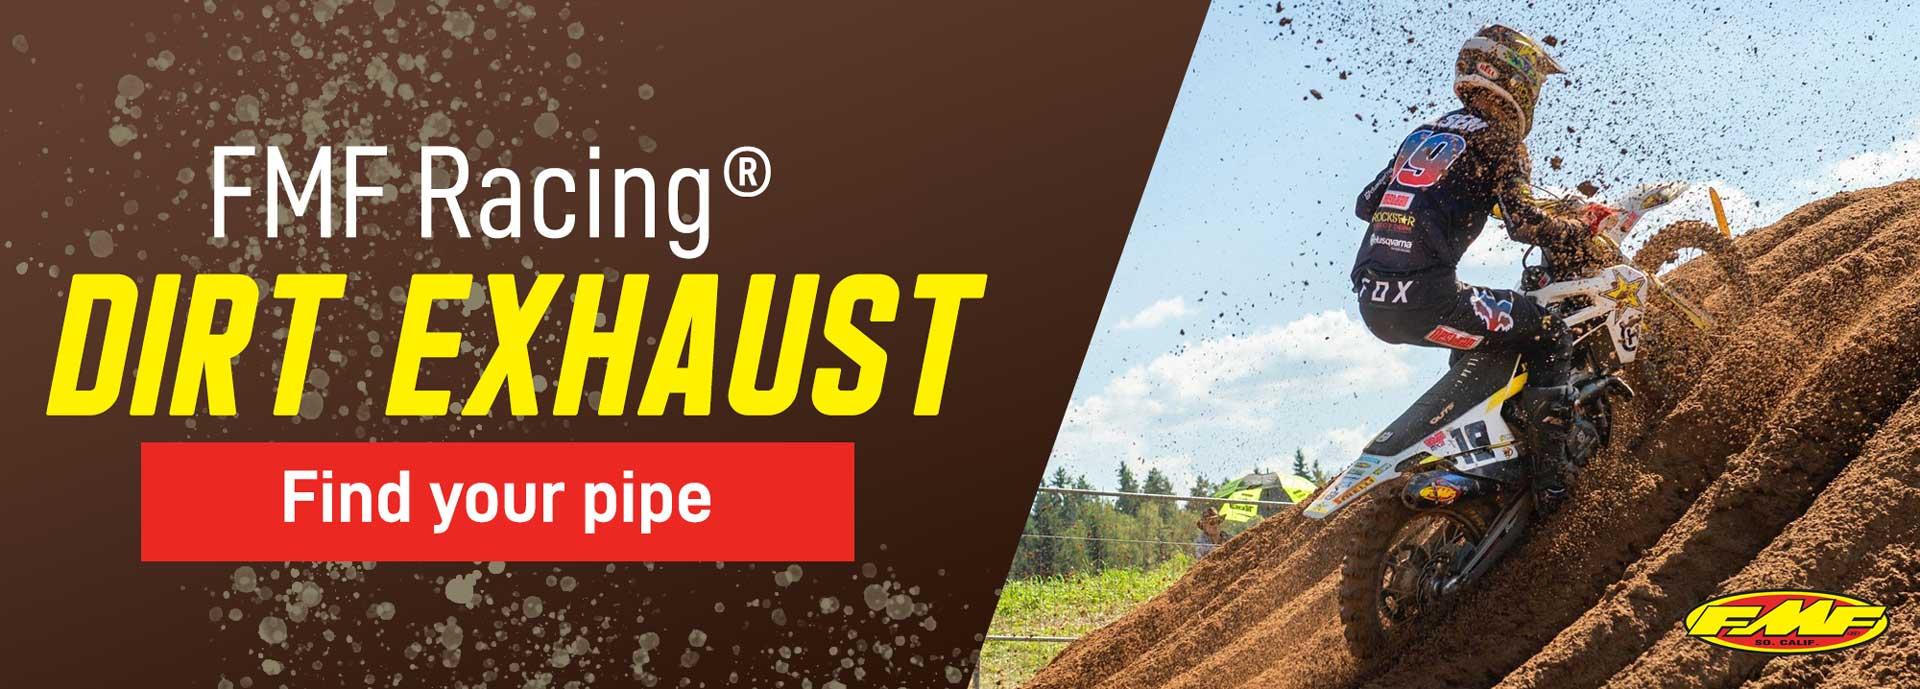 billetproofdesign.com-homepage-ad-fmf-racing-exhaust-1.jpg